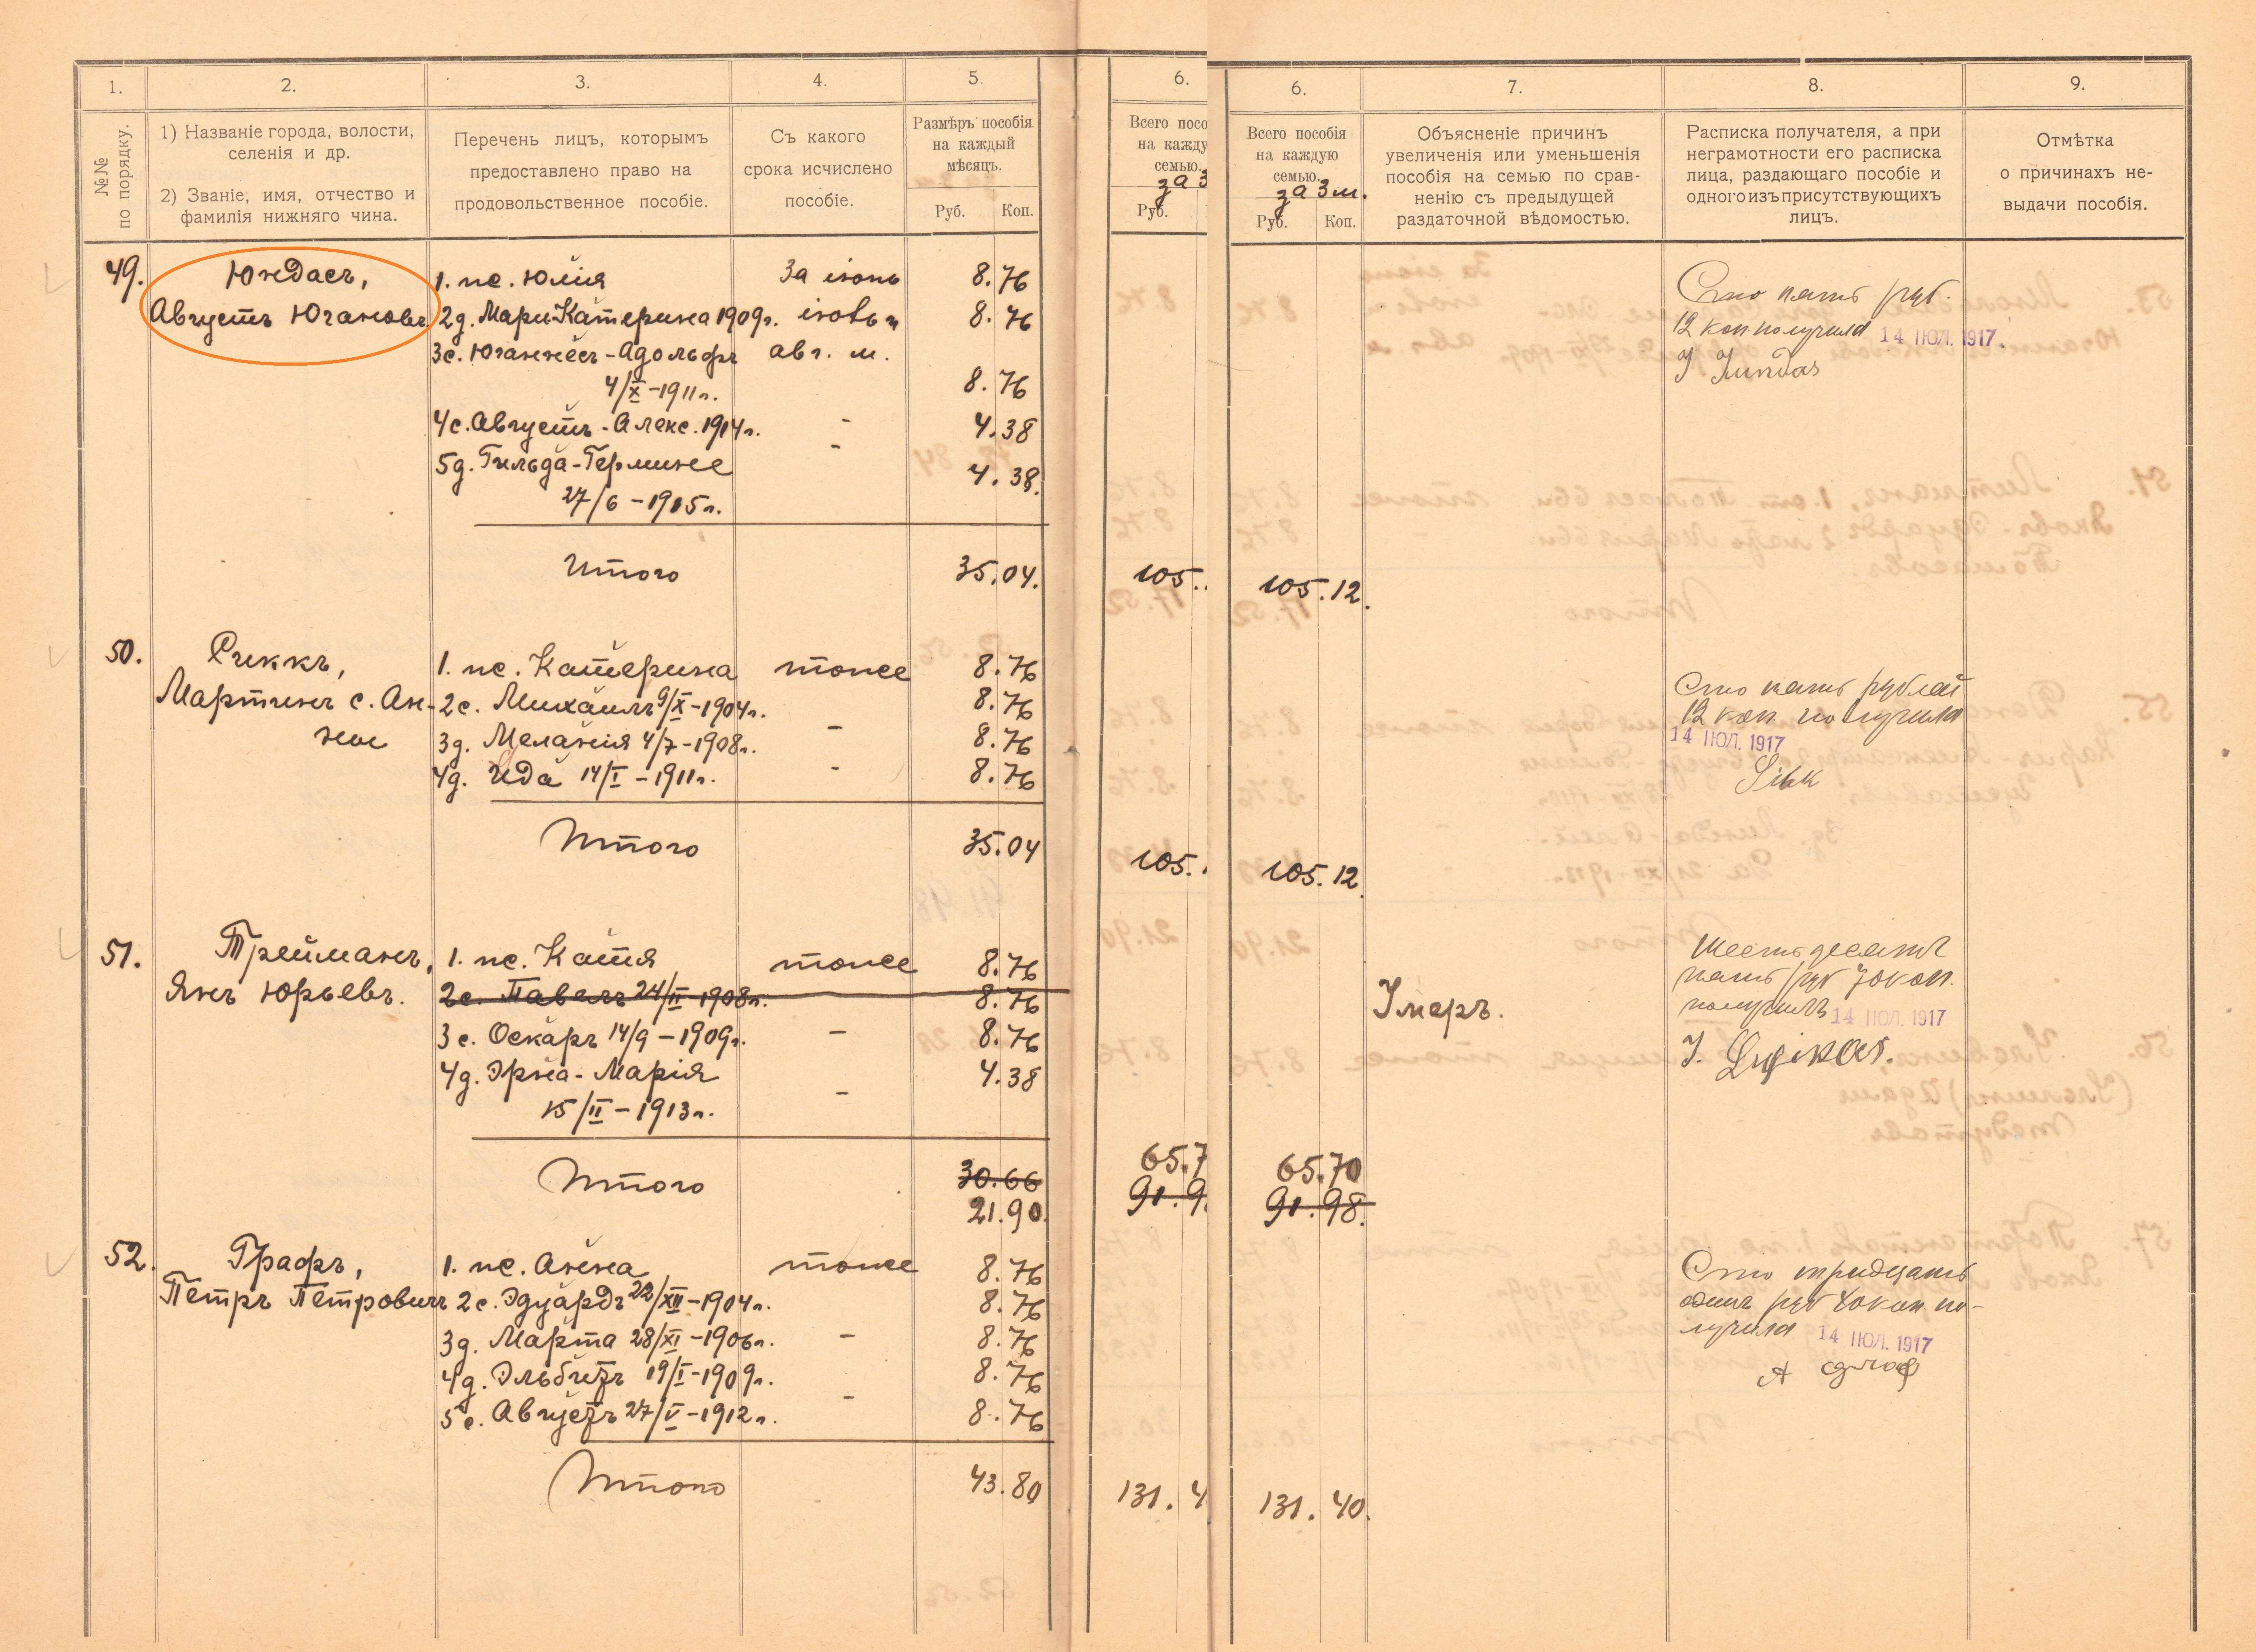 Väljavõte Keila valla sõdurite peredele abiraha väljamaksmise lehest juulis 1917. Augusti abikaasa Juuli kinnitas raha kättesaamist oma allkirjaga. RA, EAA.47.1.2323